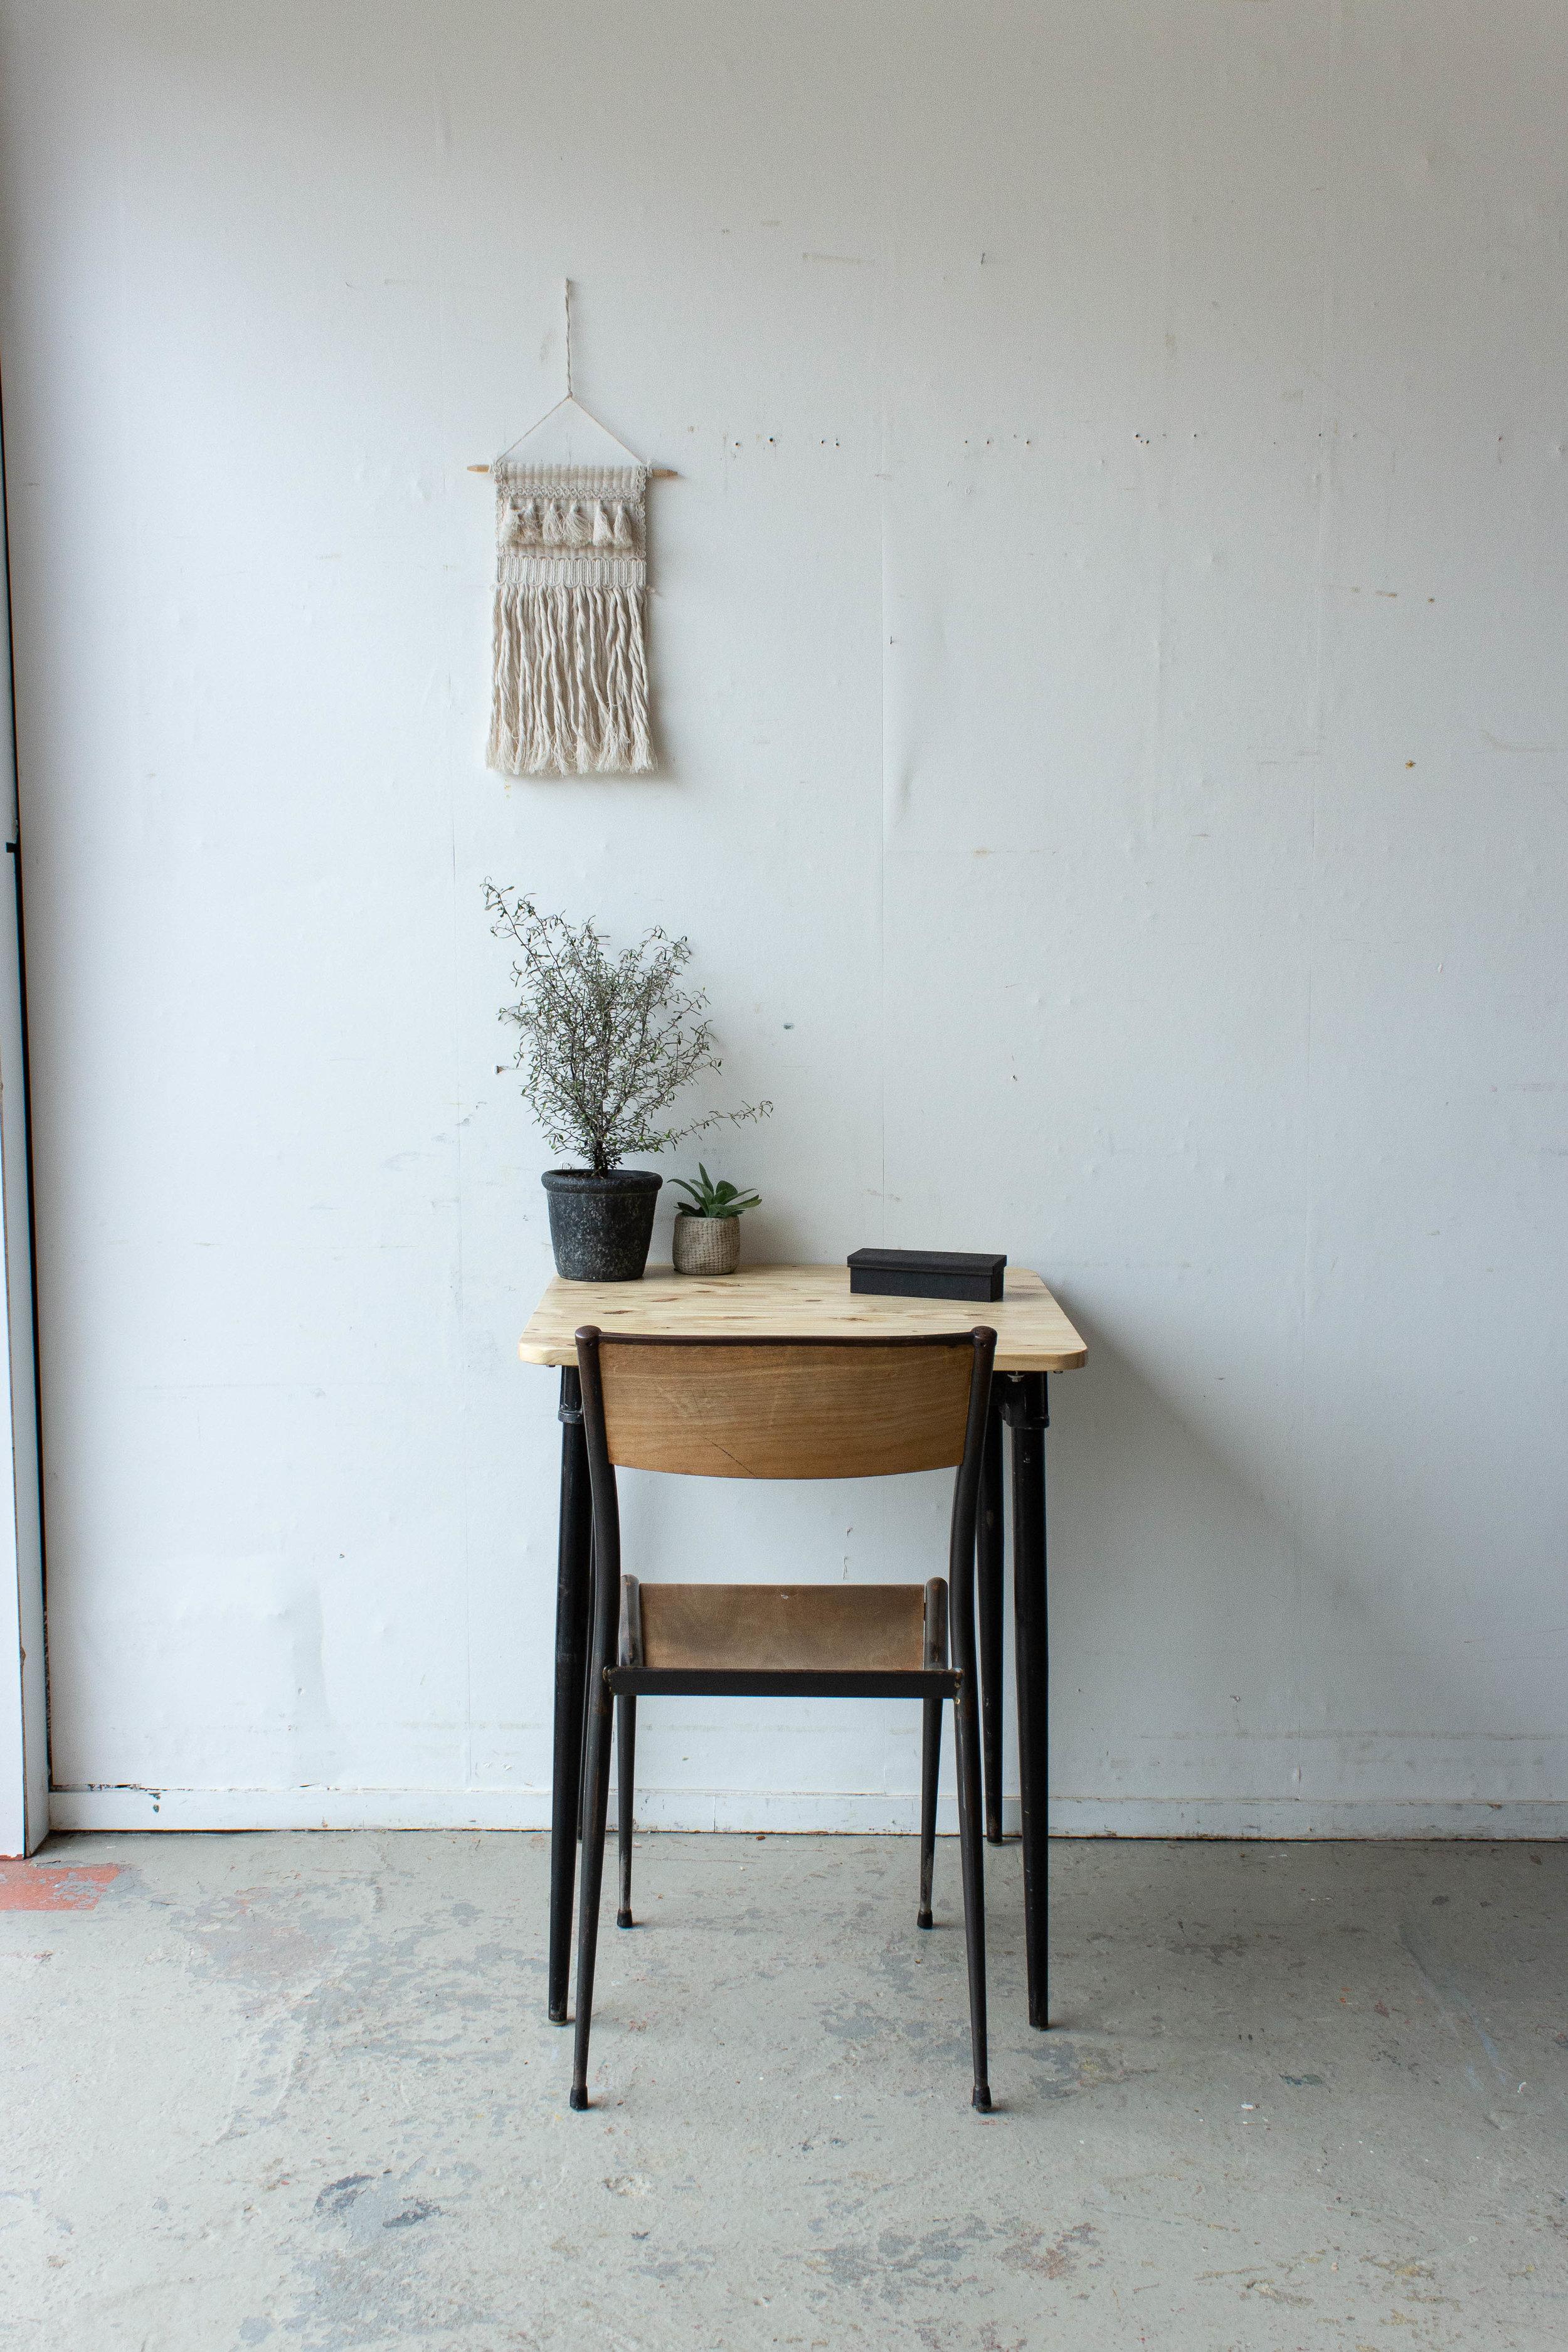 3189 - Eenpersoons schooltafel met zwarte puntpootjes-3.jpg